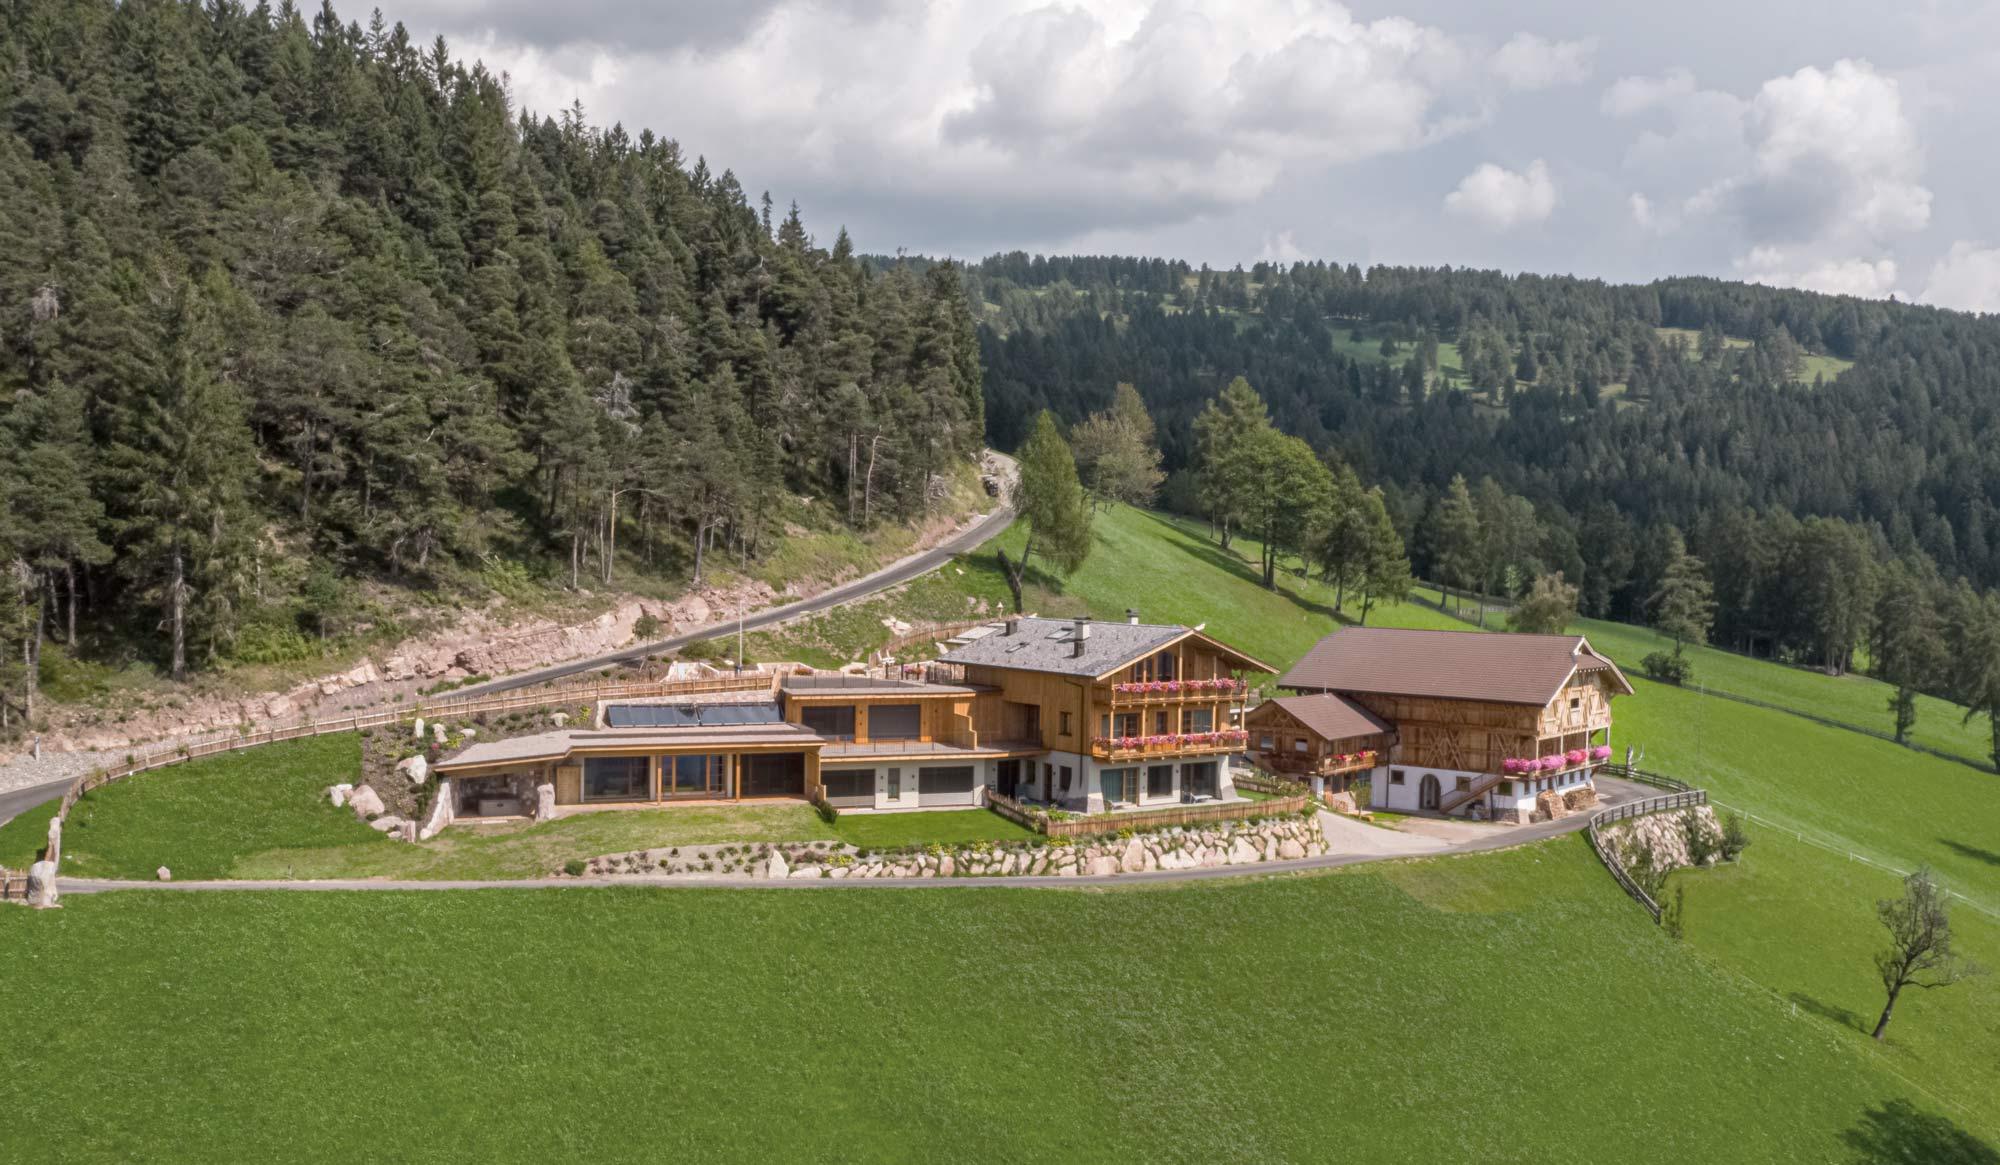 wanderung - Urlaub im herzen Südtirols